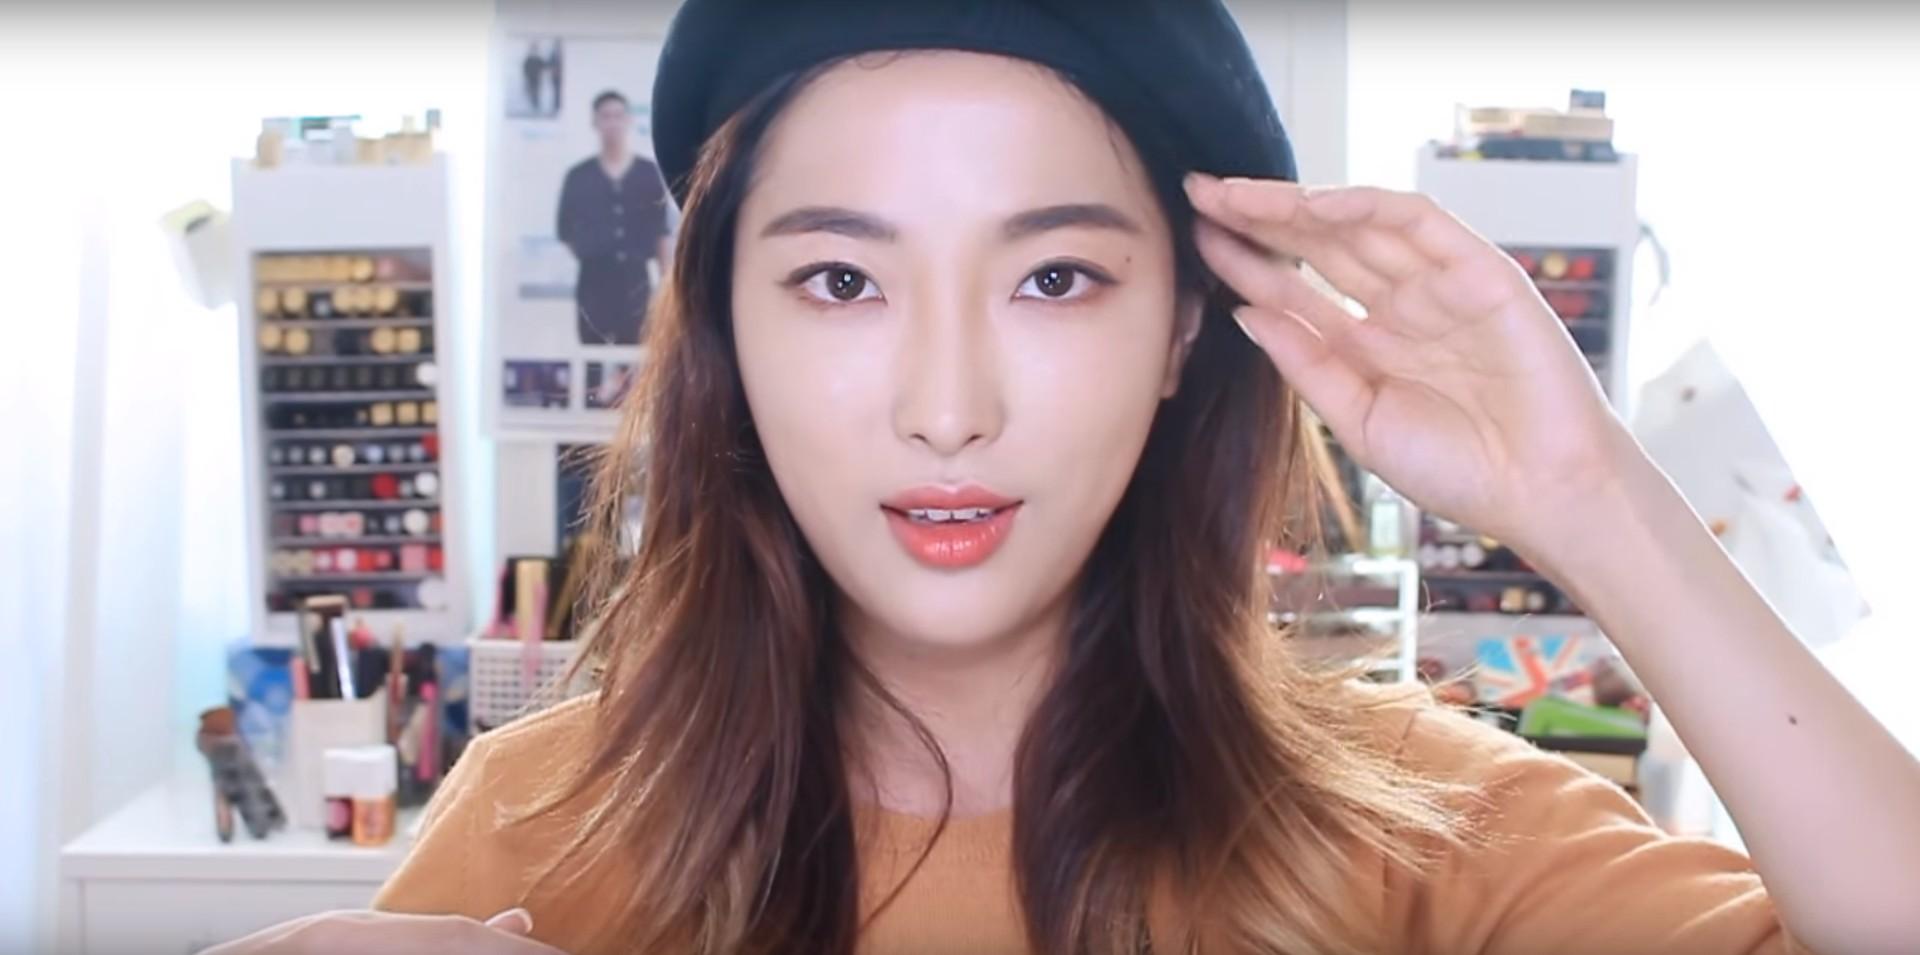 雖然才剛經營一年多的時間,Sae Byeock的Youtube頻道已經突破16萬人次訂閱呢!其中最熱門的彩妝教學都與約會彩妝相關,可以學到很多小技巧~